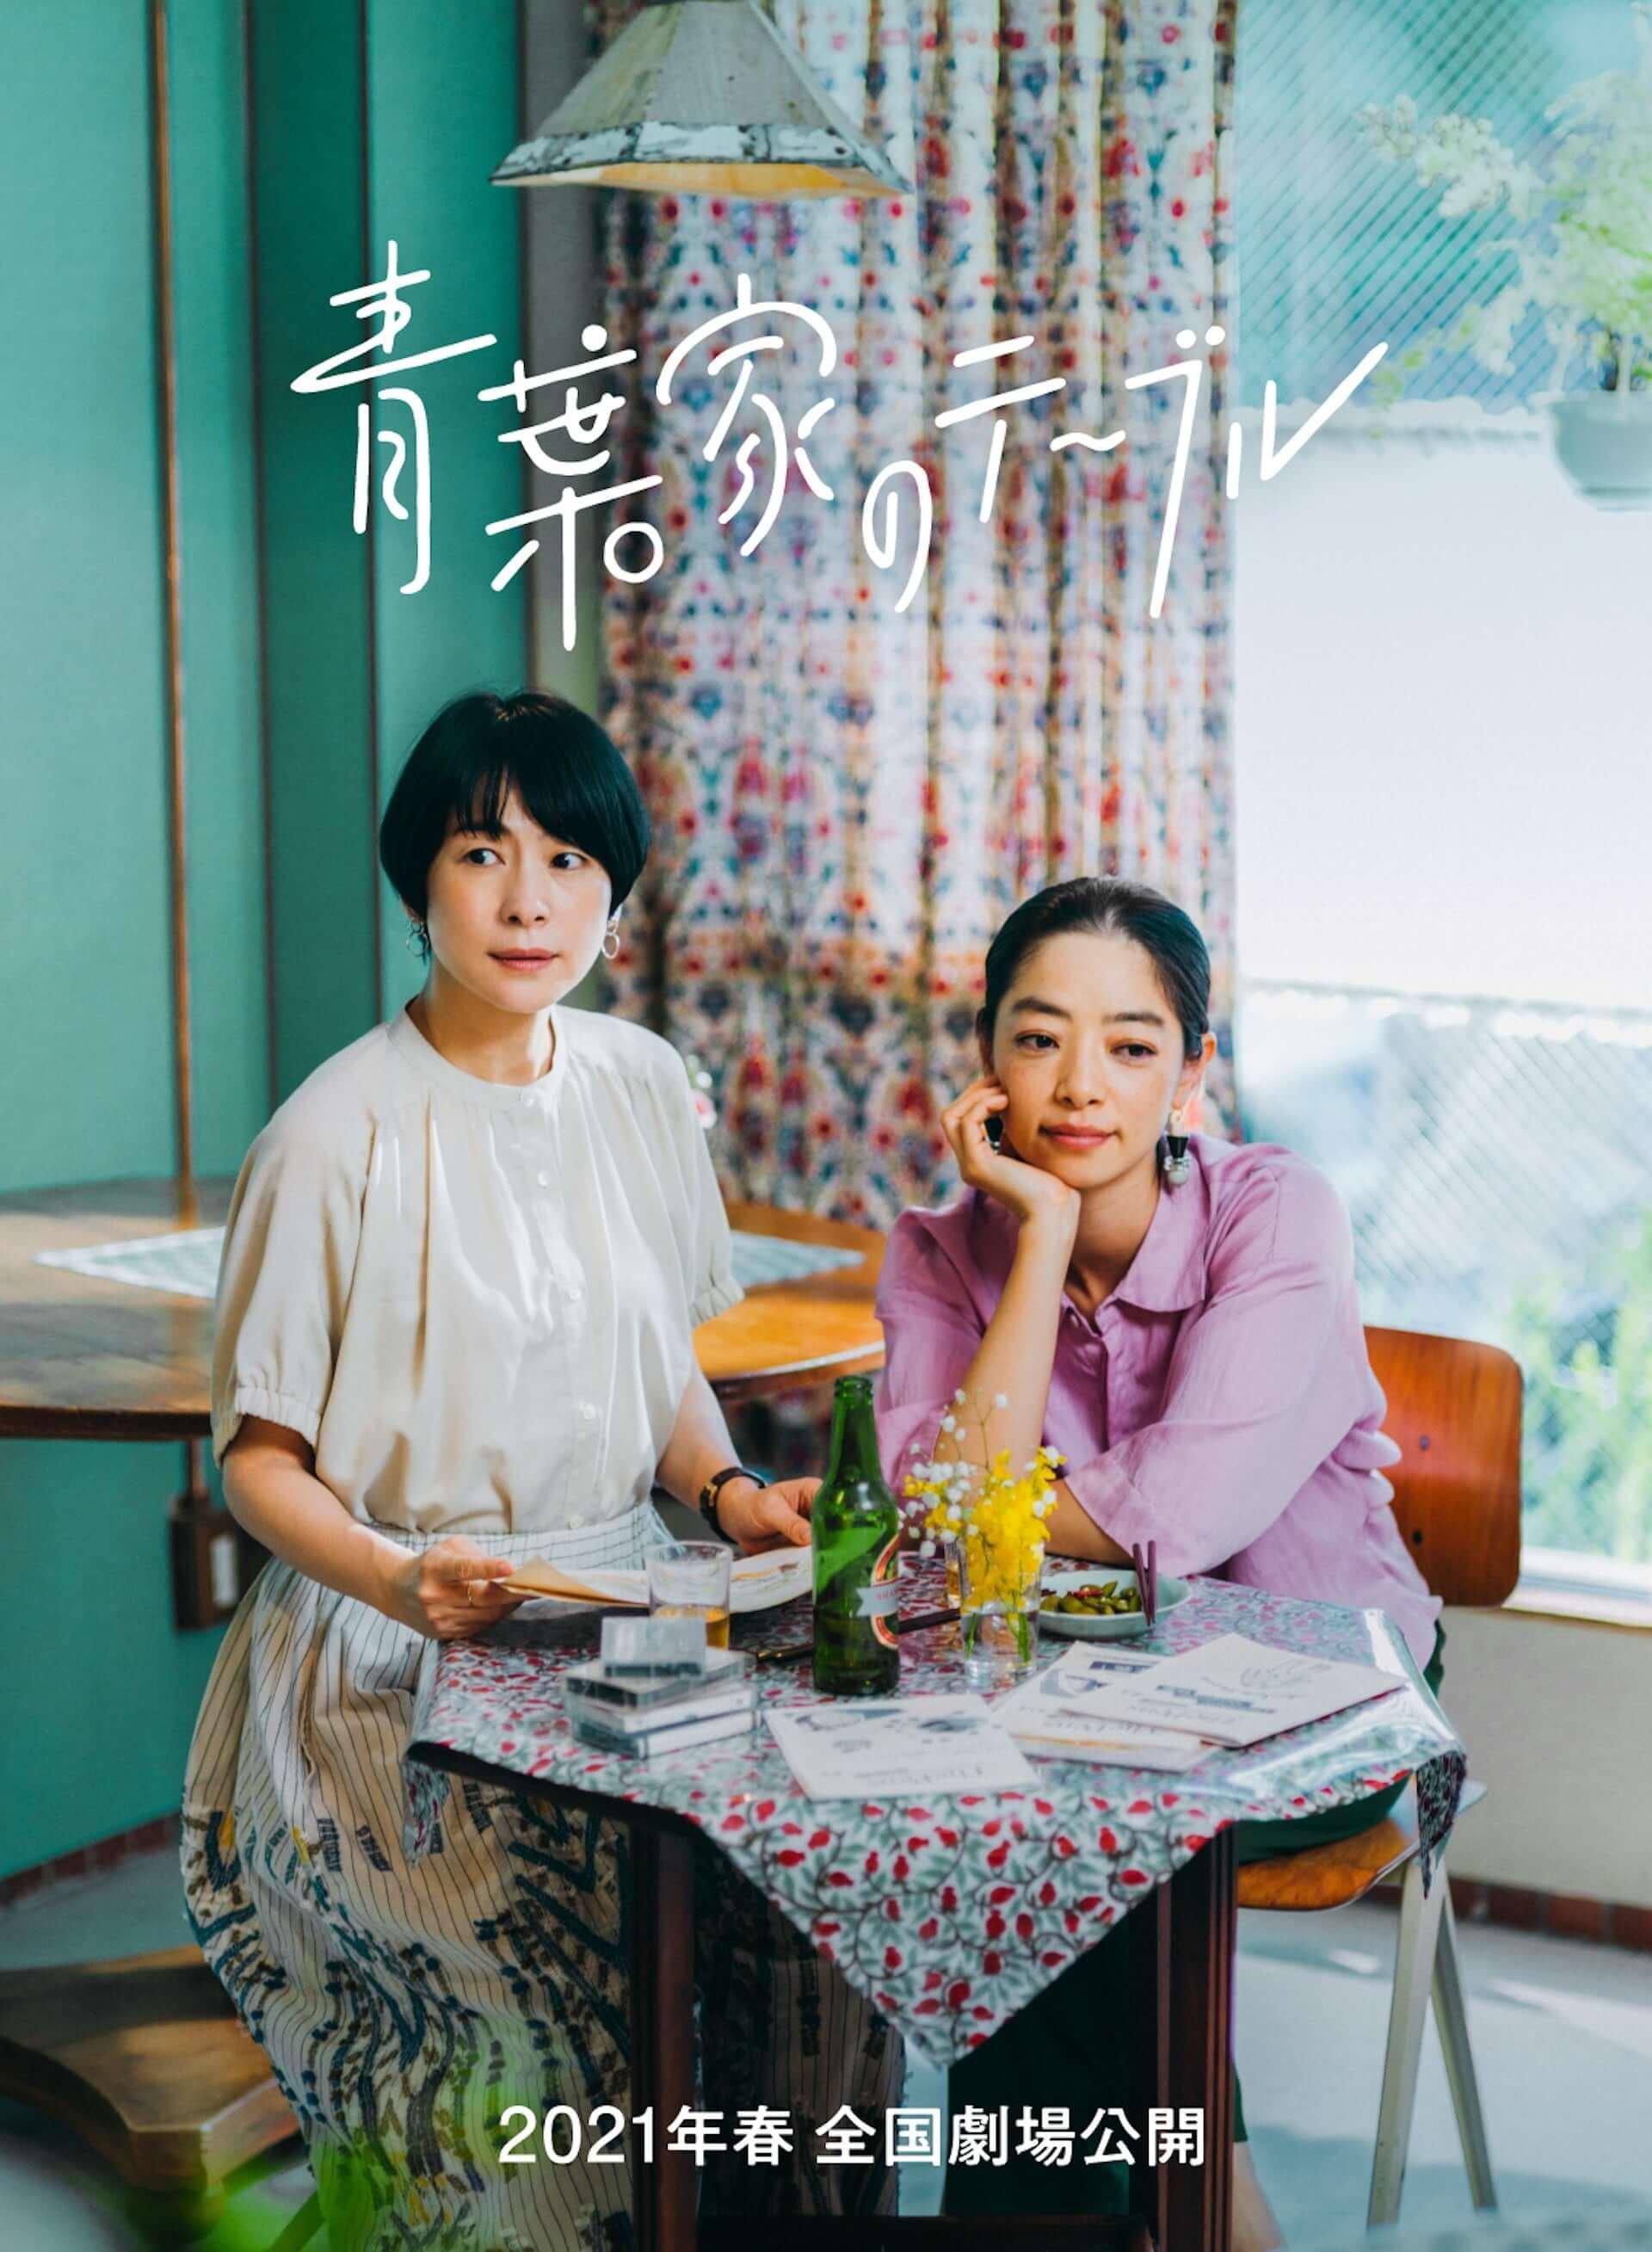 「北欧、暮らしの道具店」初の映画『青葉家のテーブル』が来年春に公開決定!市川実和子、栗林藍希ら追加キャストも発表 film201217_hokuohkurashi_1-1920x2617